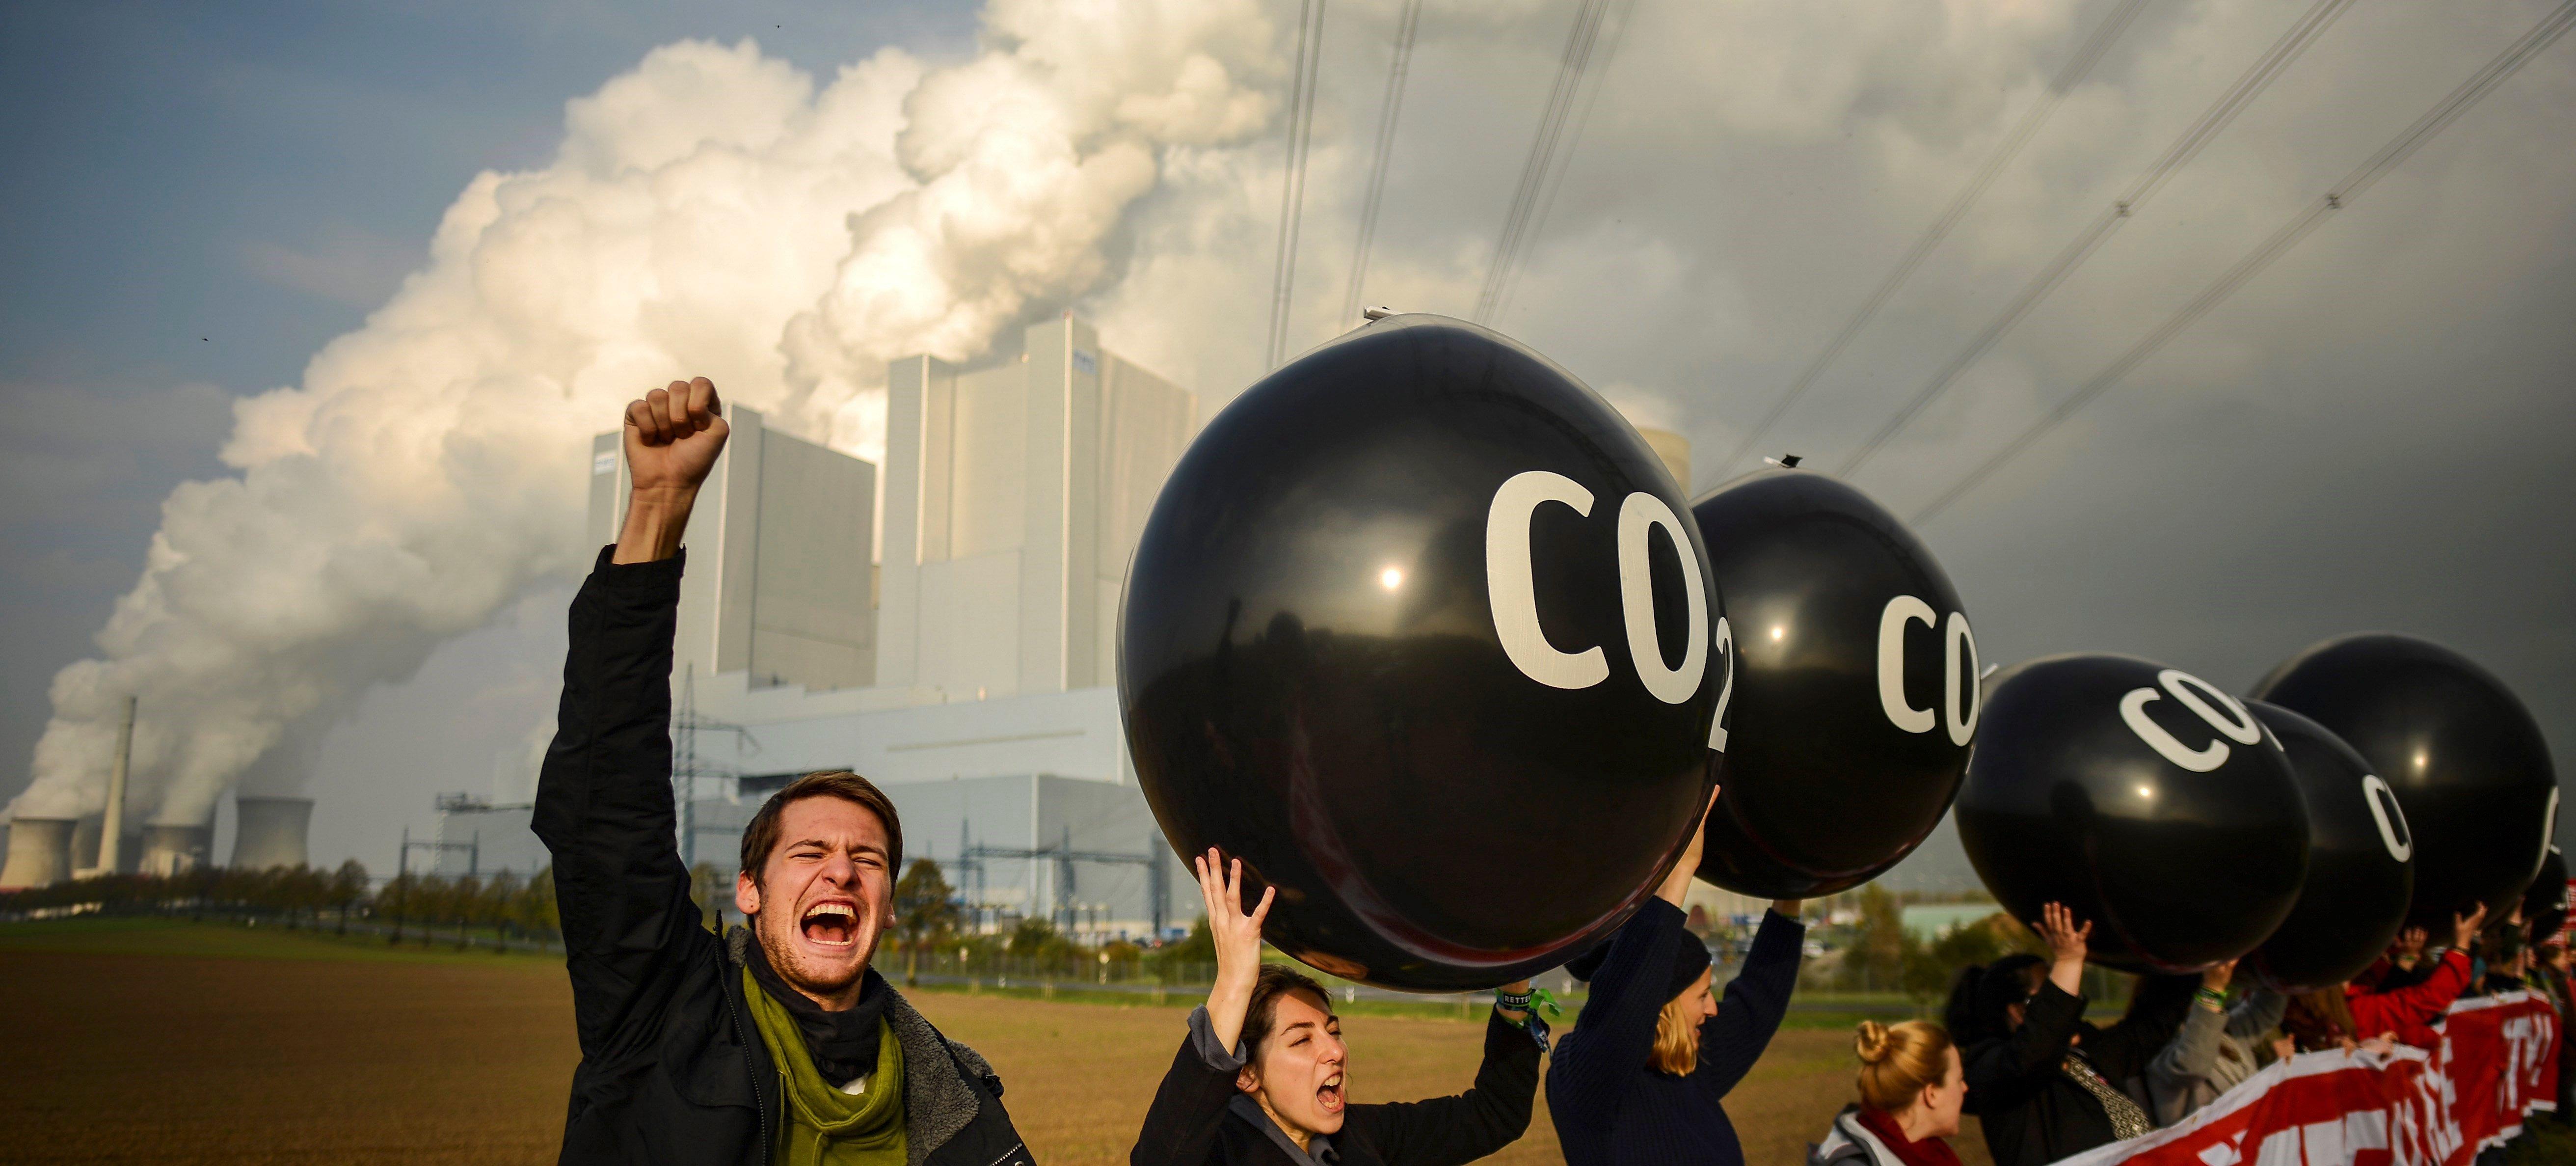 Activistes participen en una protesta davant la central elèctrica de Neurath amb motiu de la celebració de la Conferència de l'ONU sobre el Canvi Climàtic (COP23), a Grevenbroich, Alemanya. /PHILIPP GUELLAND